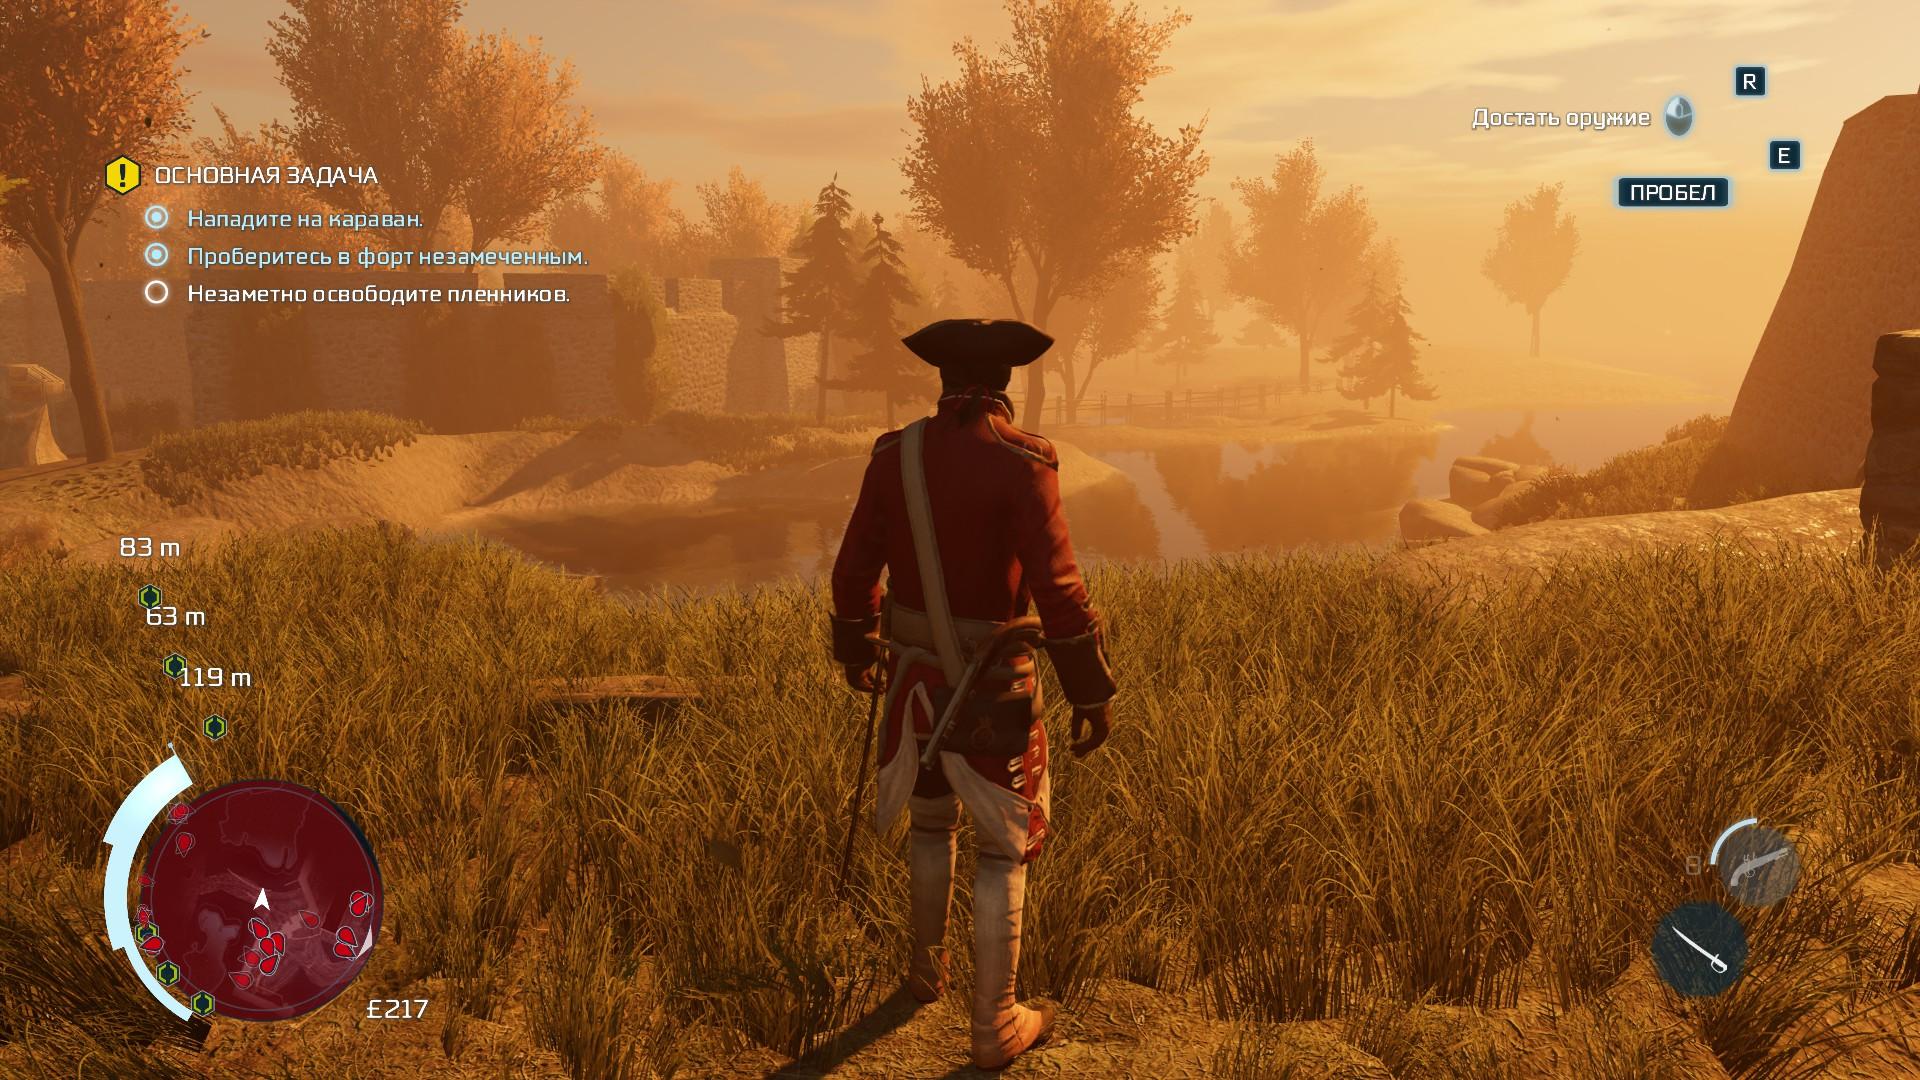 20190329011841_1.jpg - Assassin's Creed 3